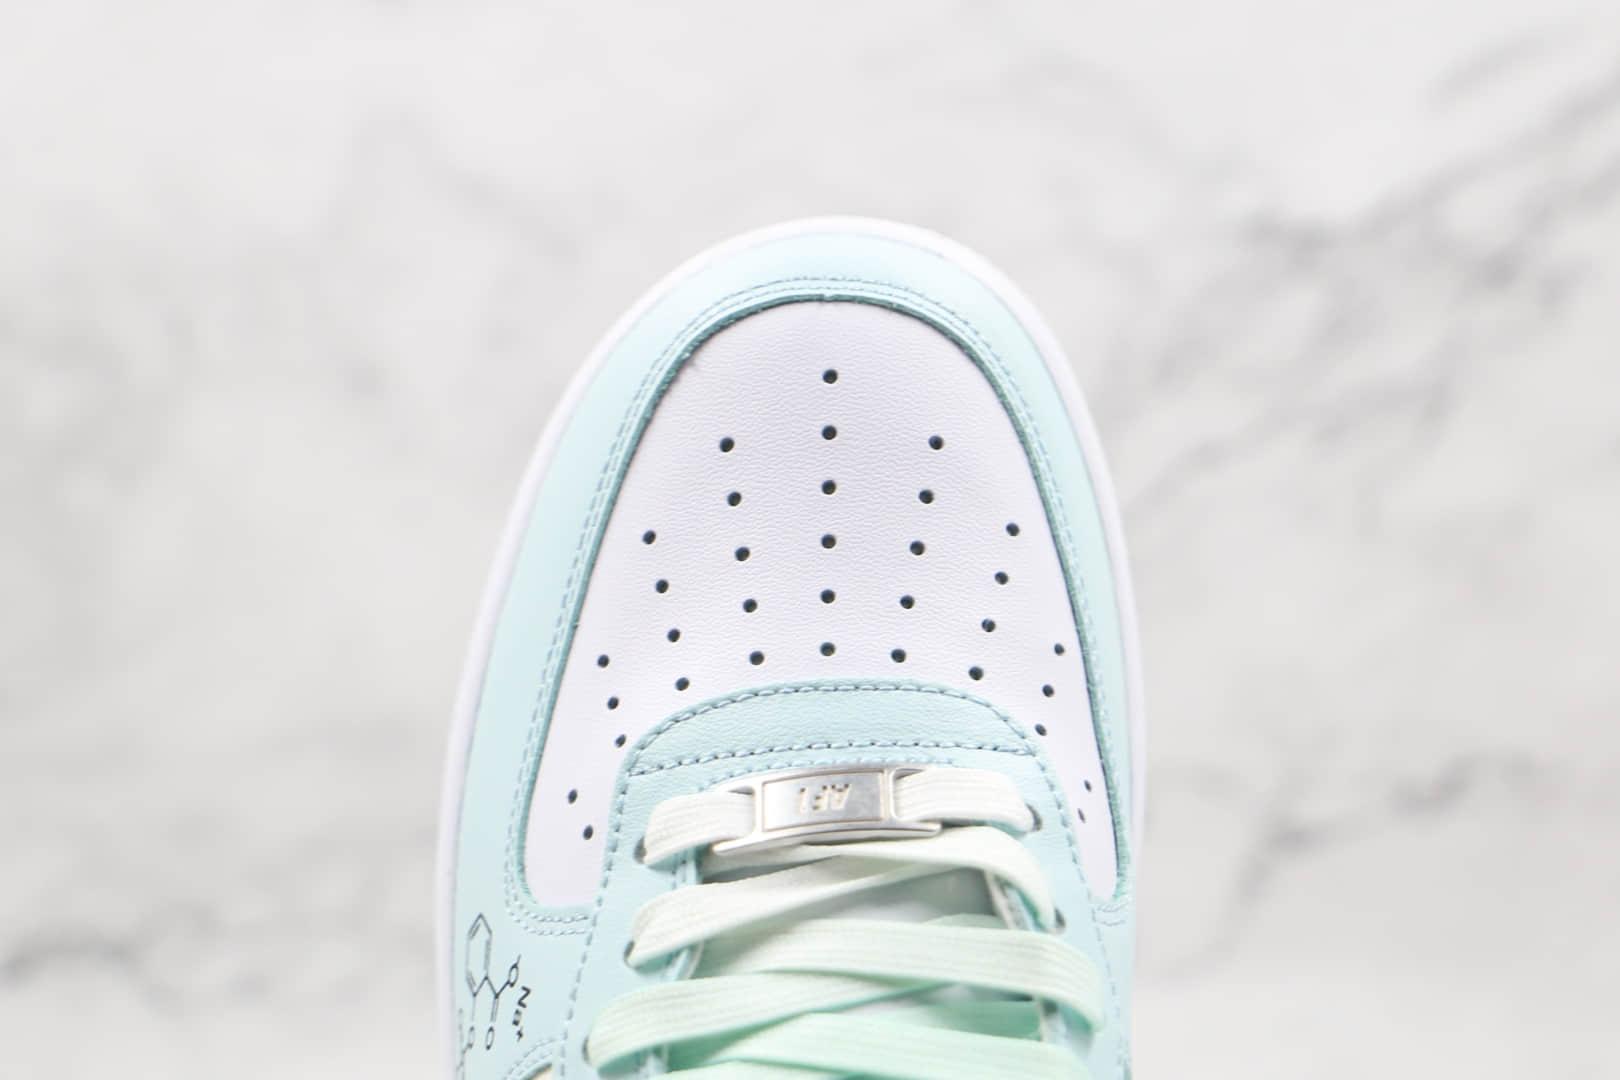 耐克Nike Air Force 1 Low'07纯原版本低帮空军一号化学公式二次元主题蓝白色板鞋内置气垫 货号:CW2288-303